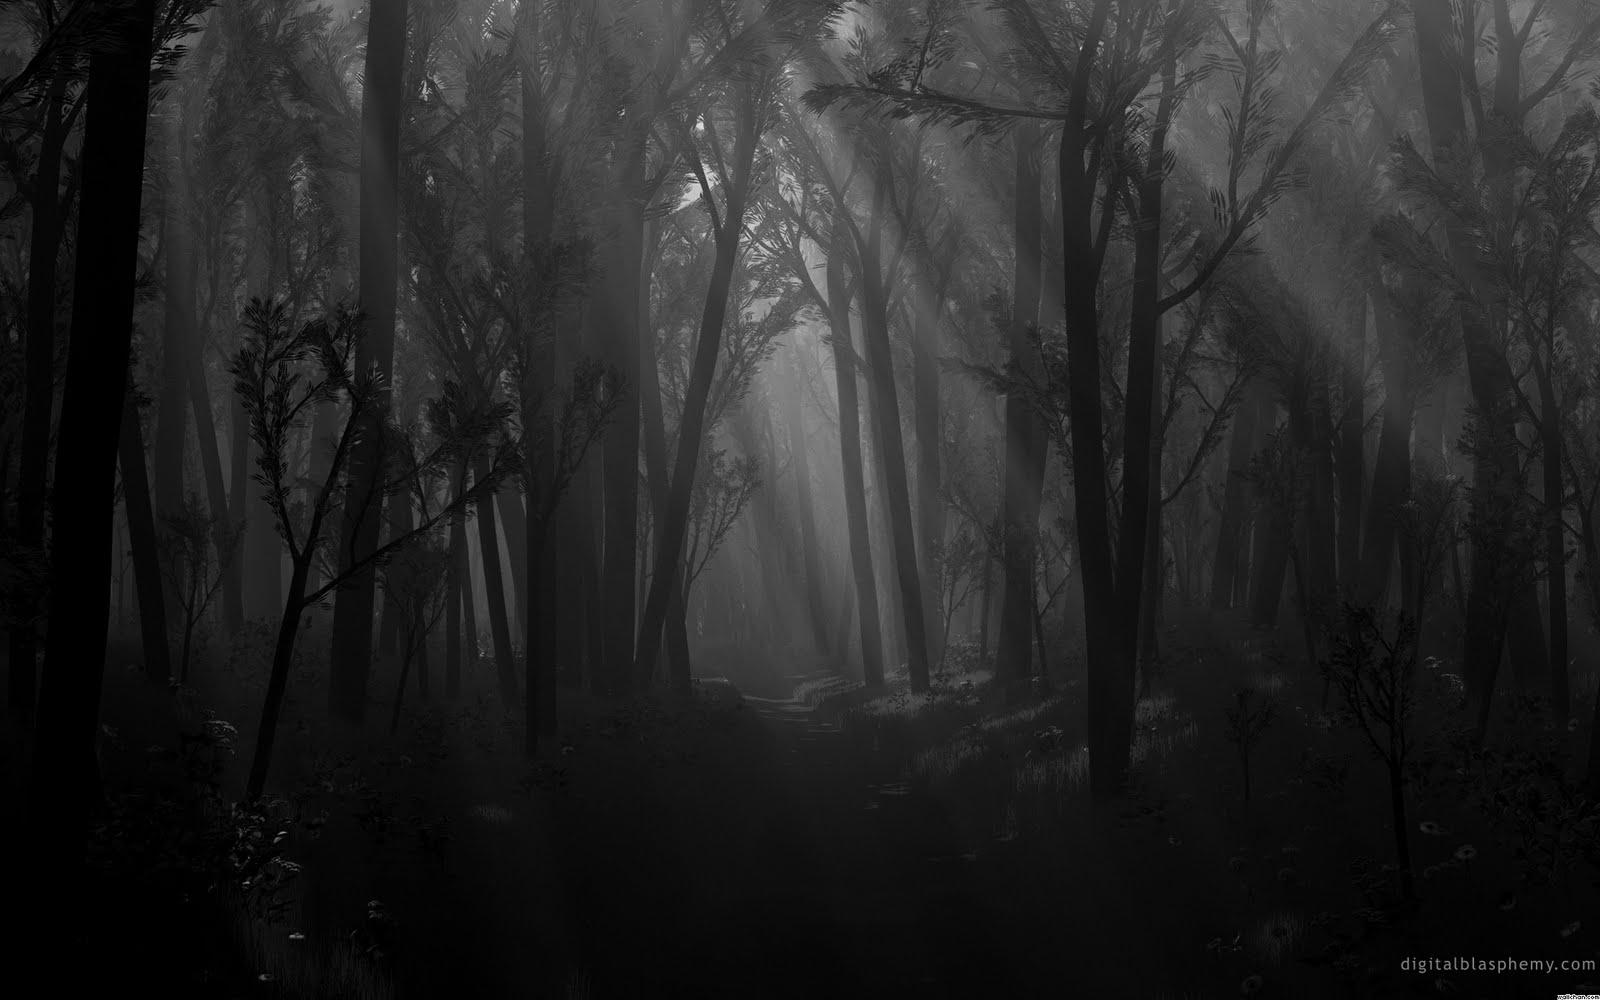 Spooky Forest Wallpaper 22750 Hd Wallpapers Backgroundjpg 1600x1000